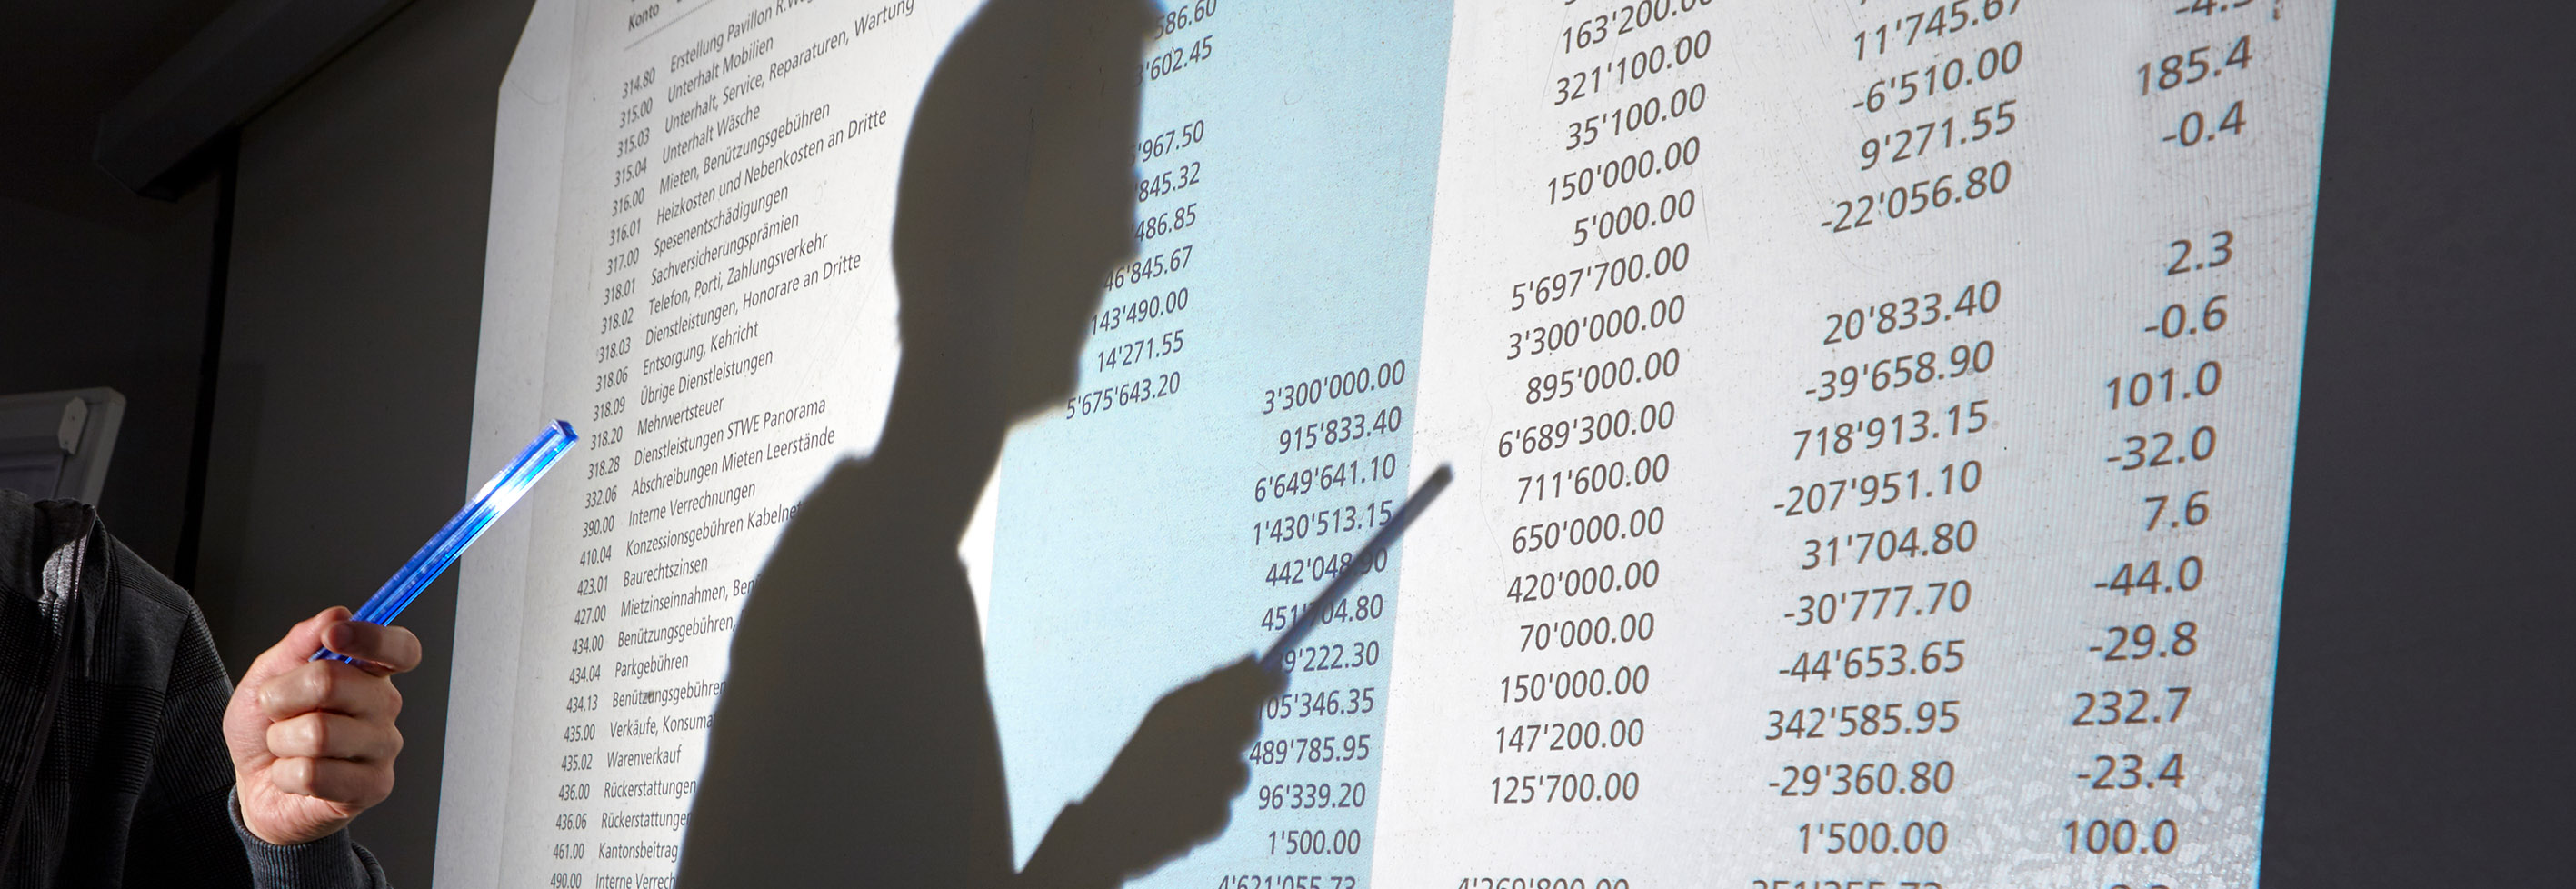 Finanzen & Steuern